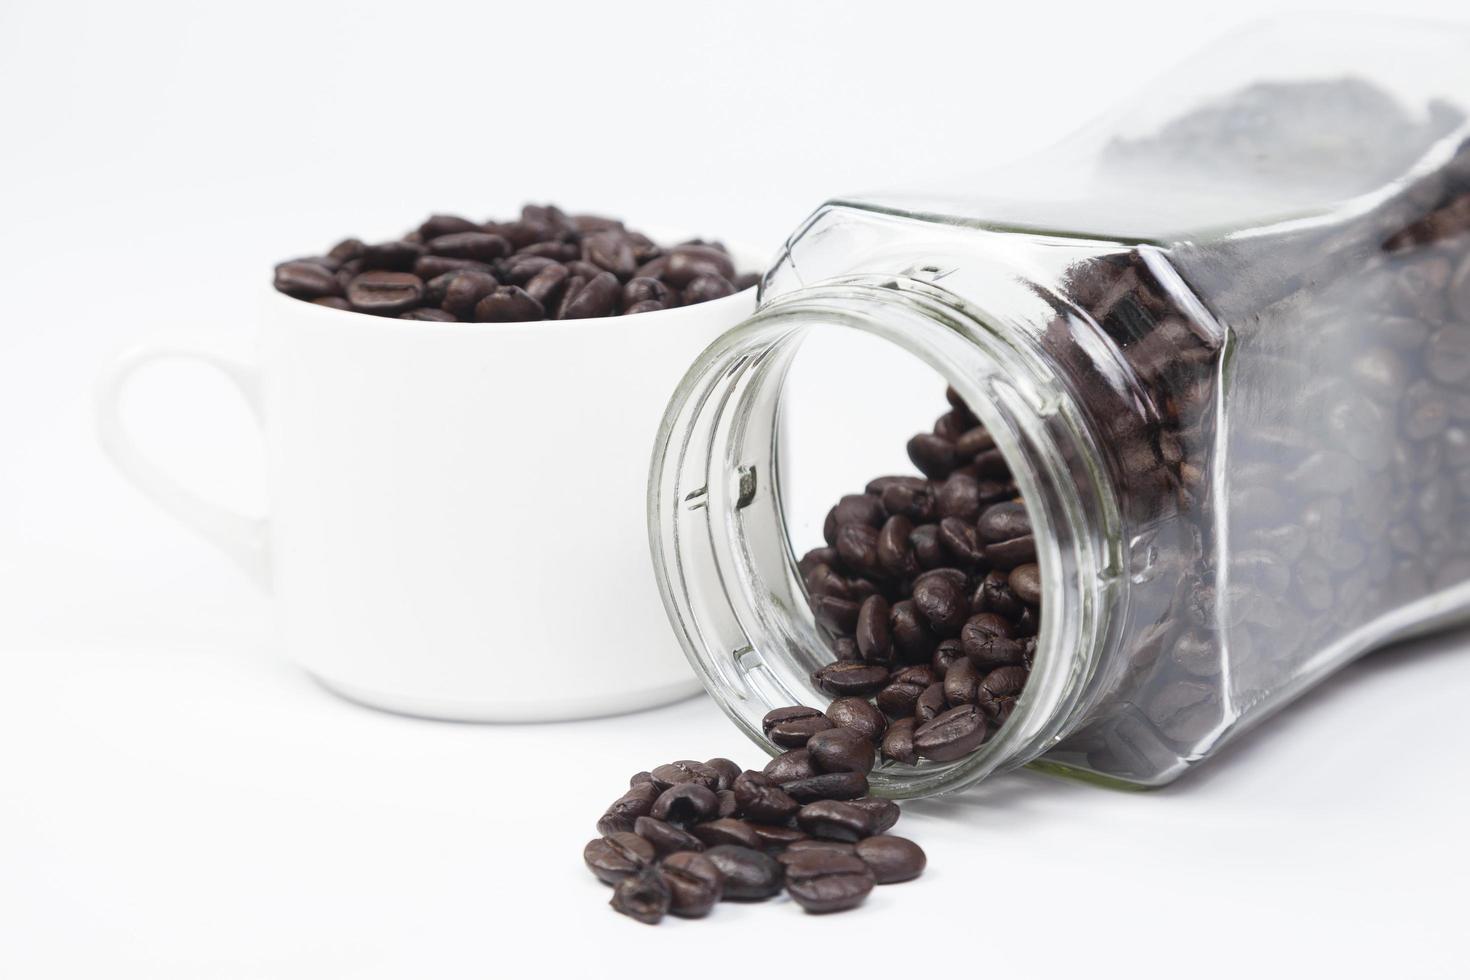 Tasse mit Kaffeebohnen auf weißem Hintergrund foto